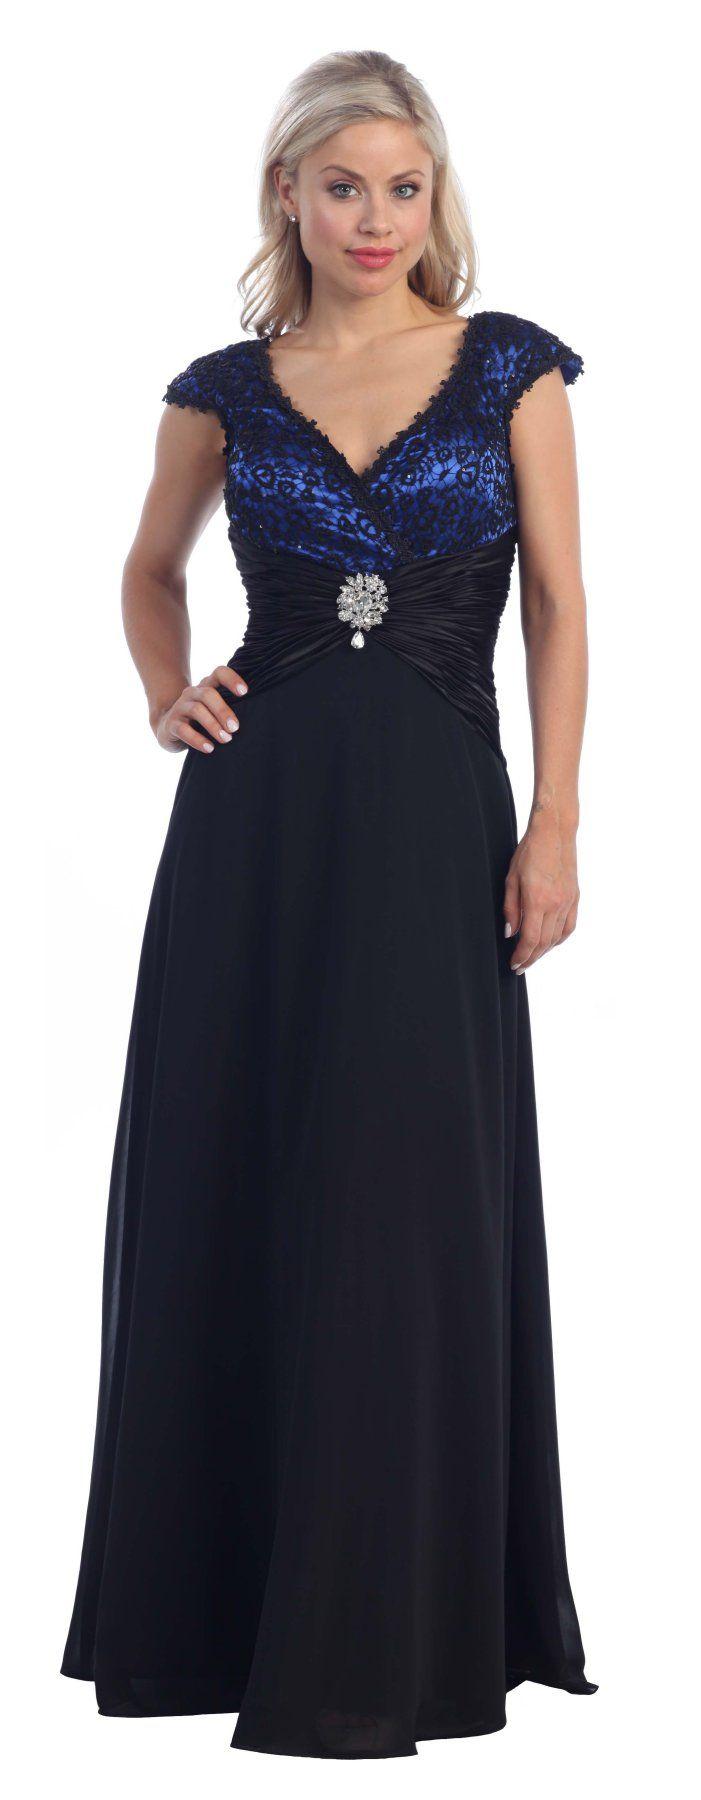 V backneckline royal blue dress black cap sleeves lace overlay gown